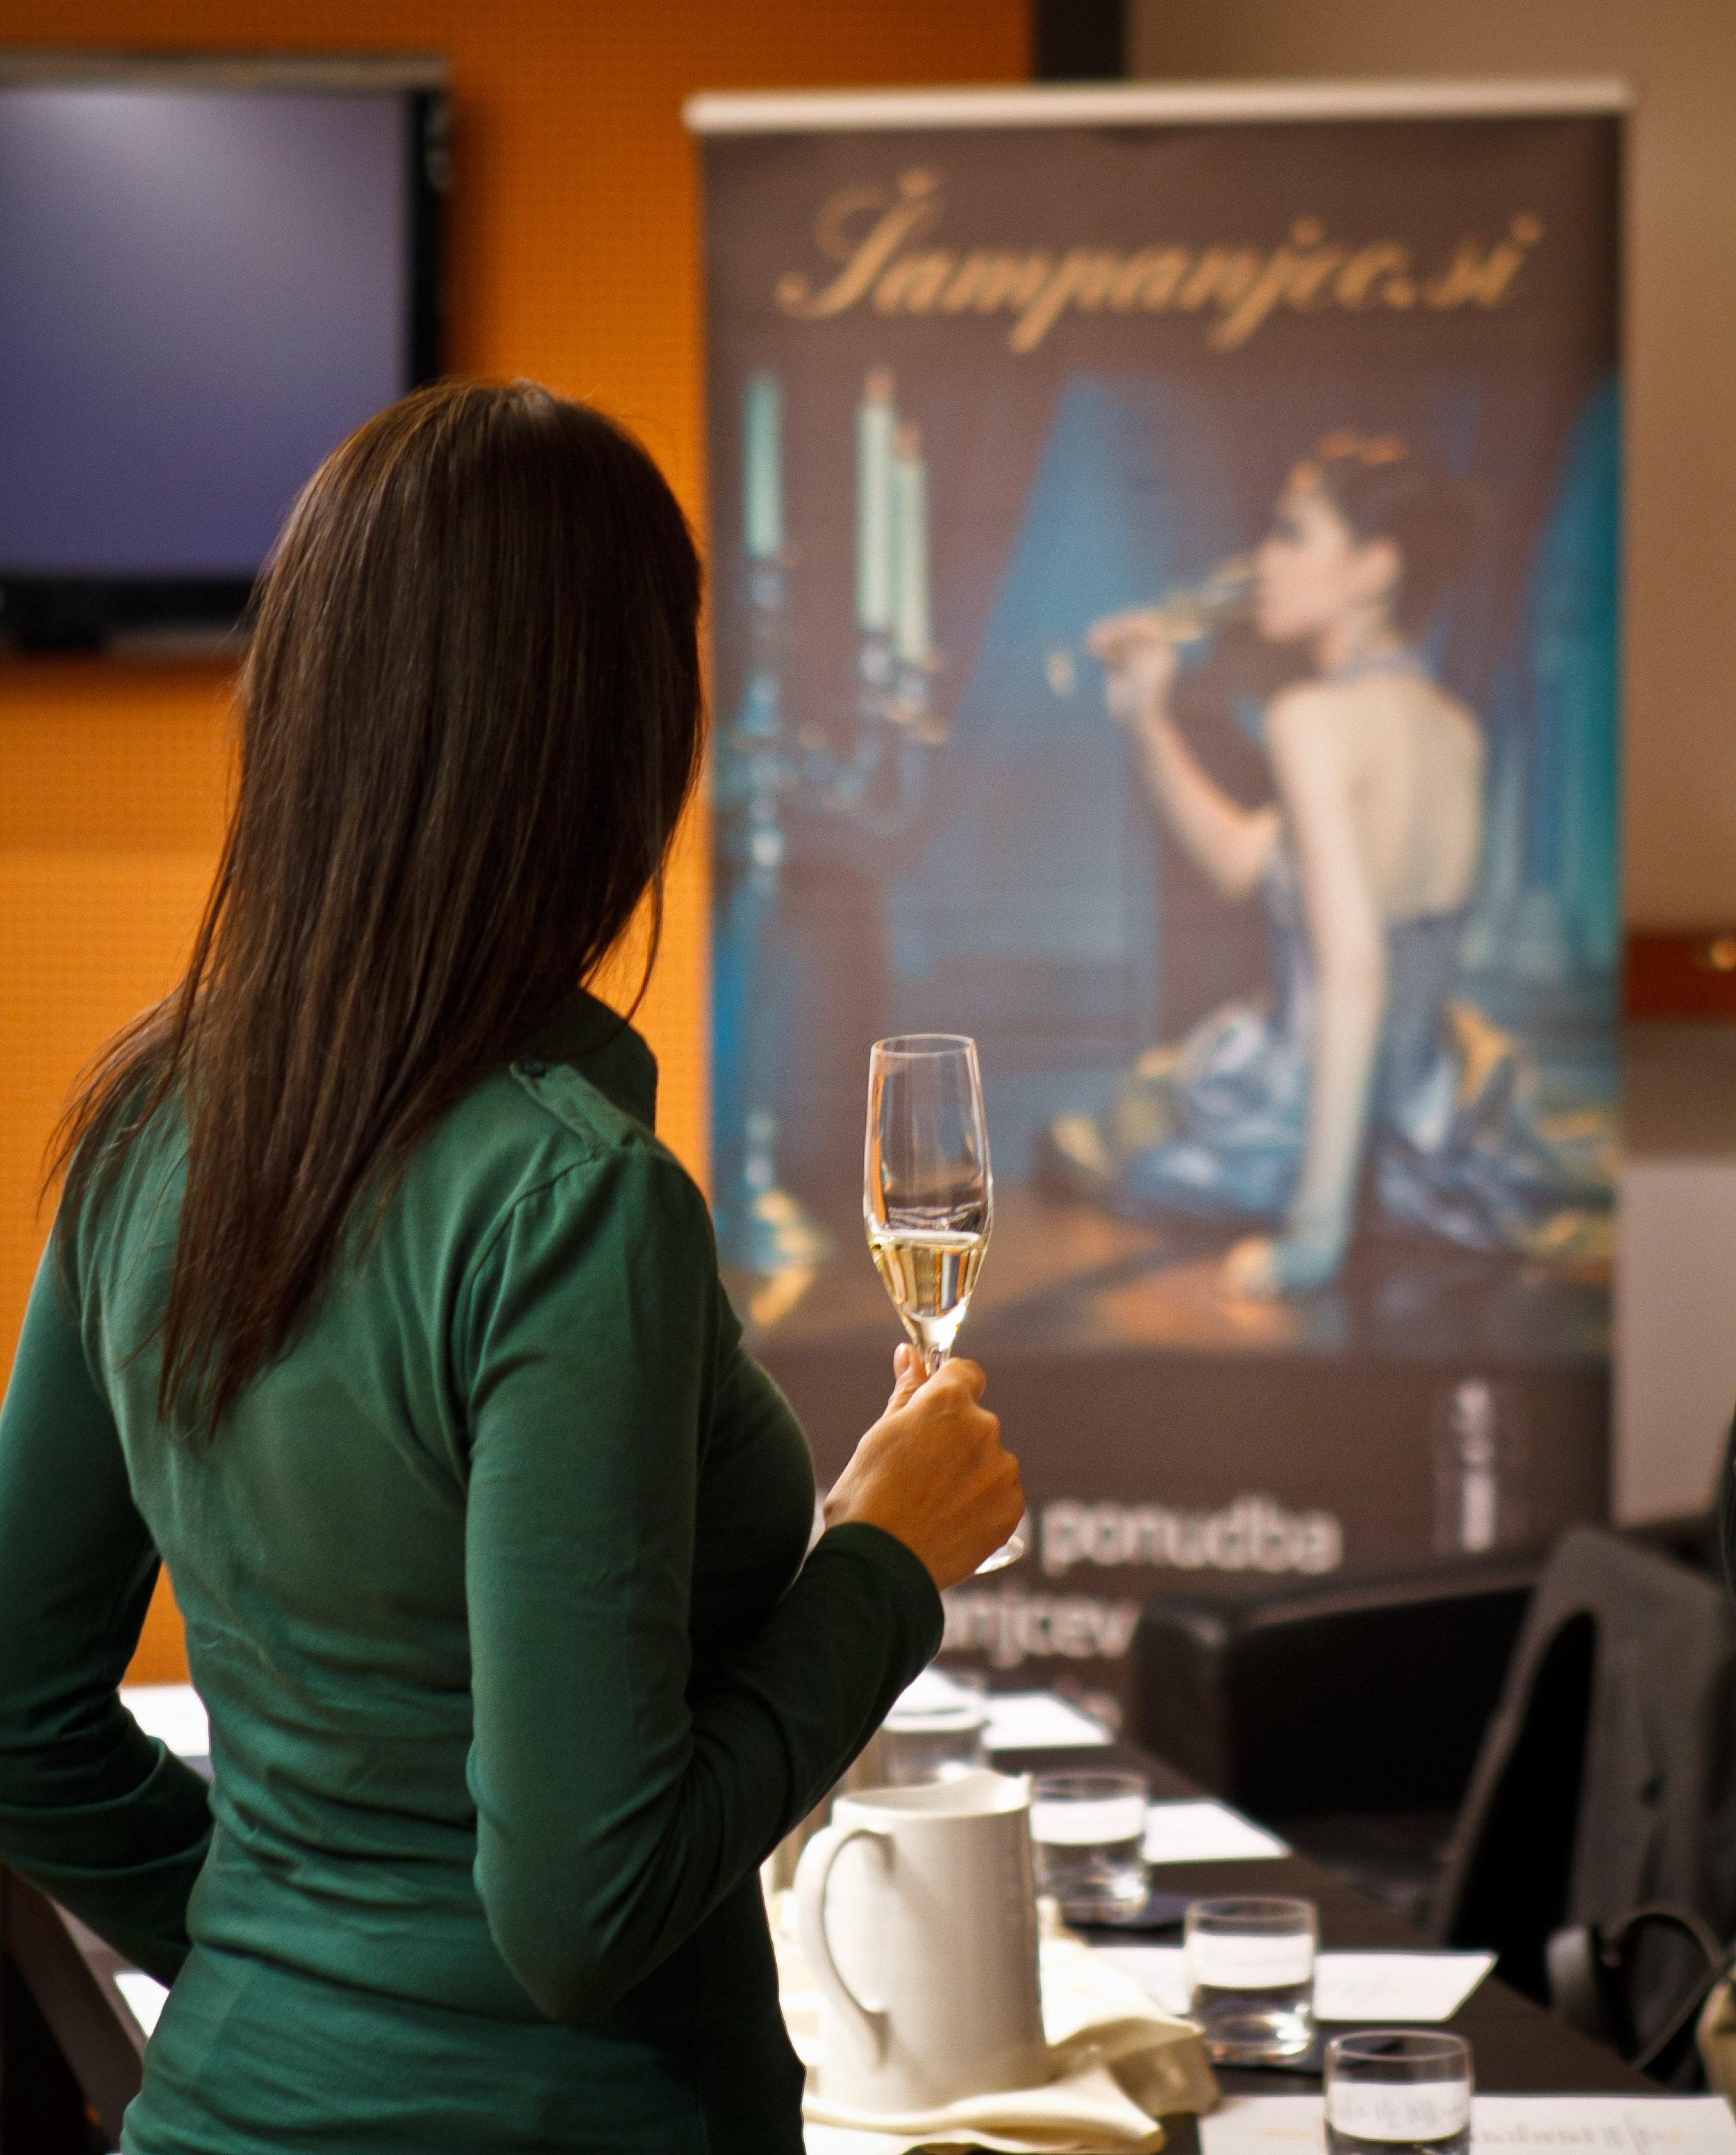 Hedonia_delavnica šampanjca-2.jpg